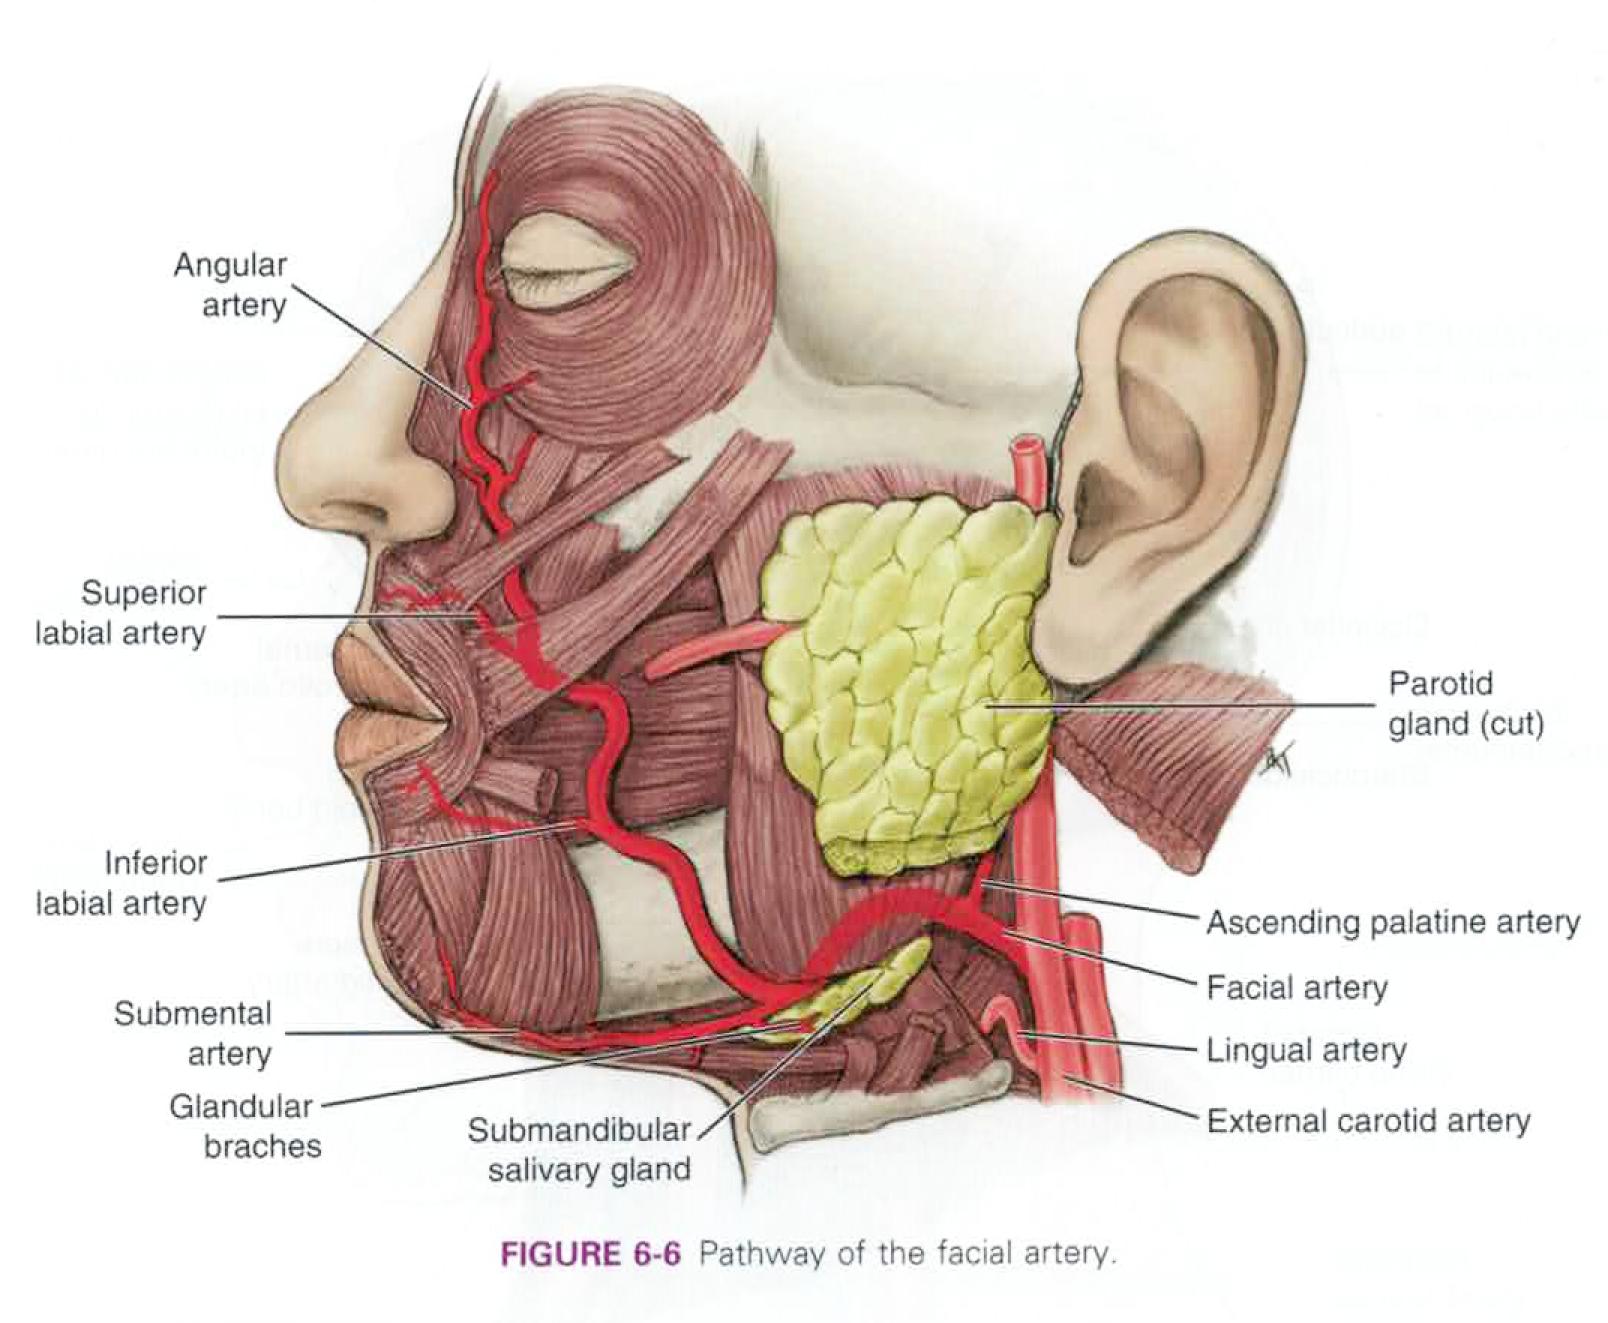 lingual artery - Akba.greenw.co